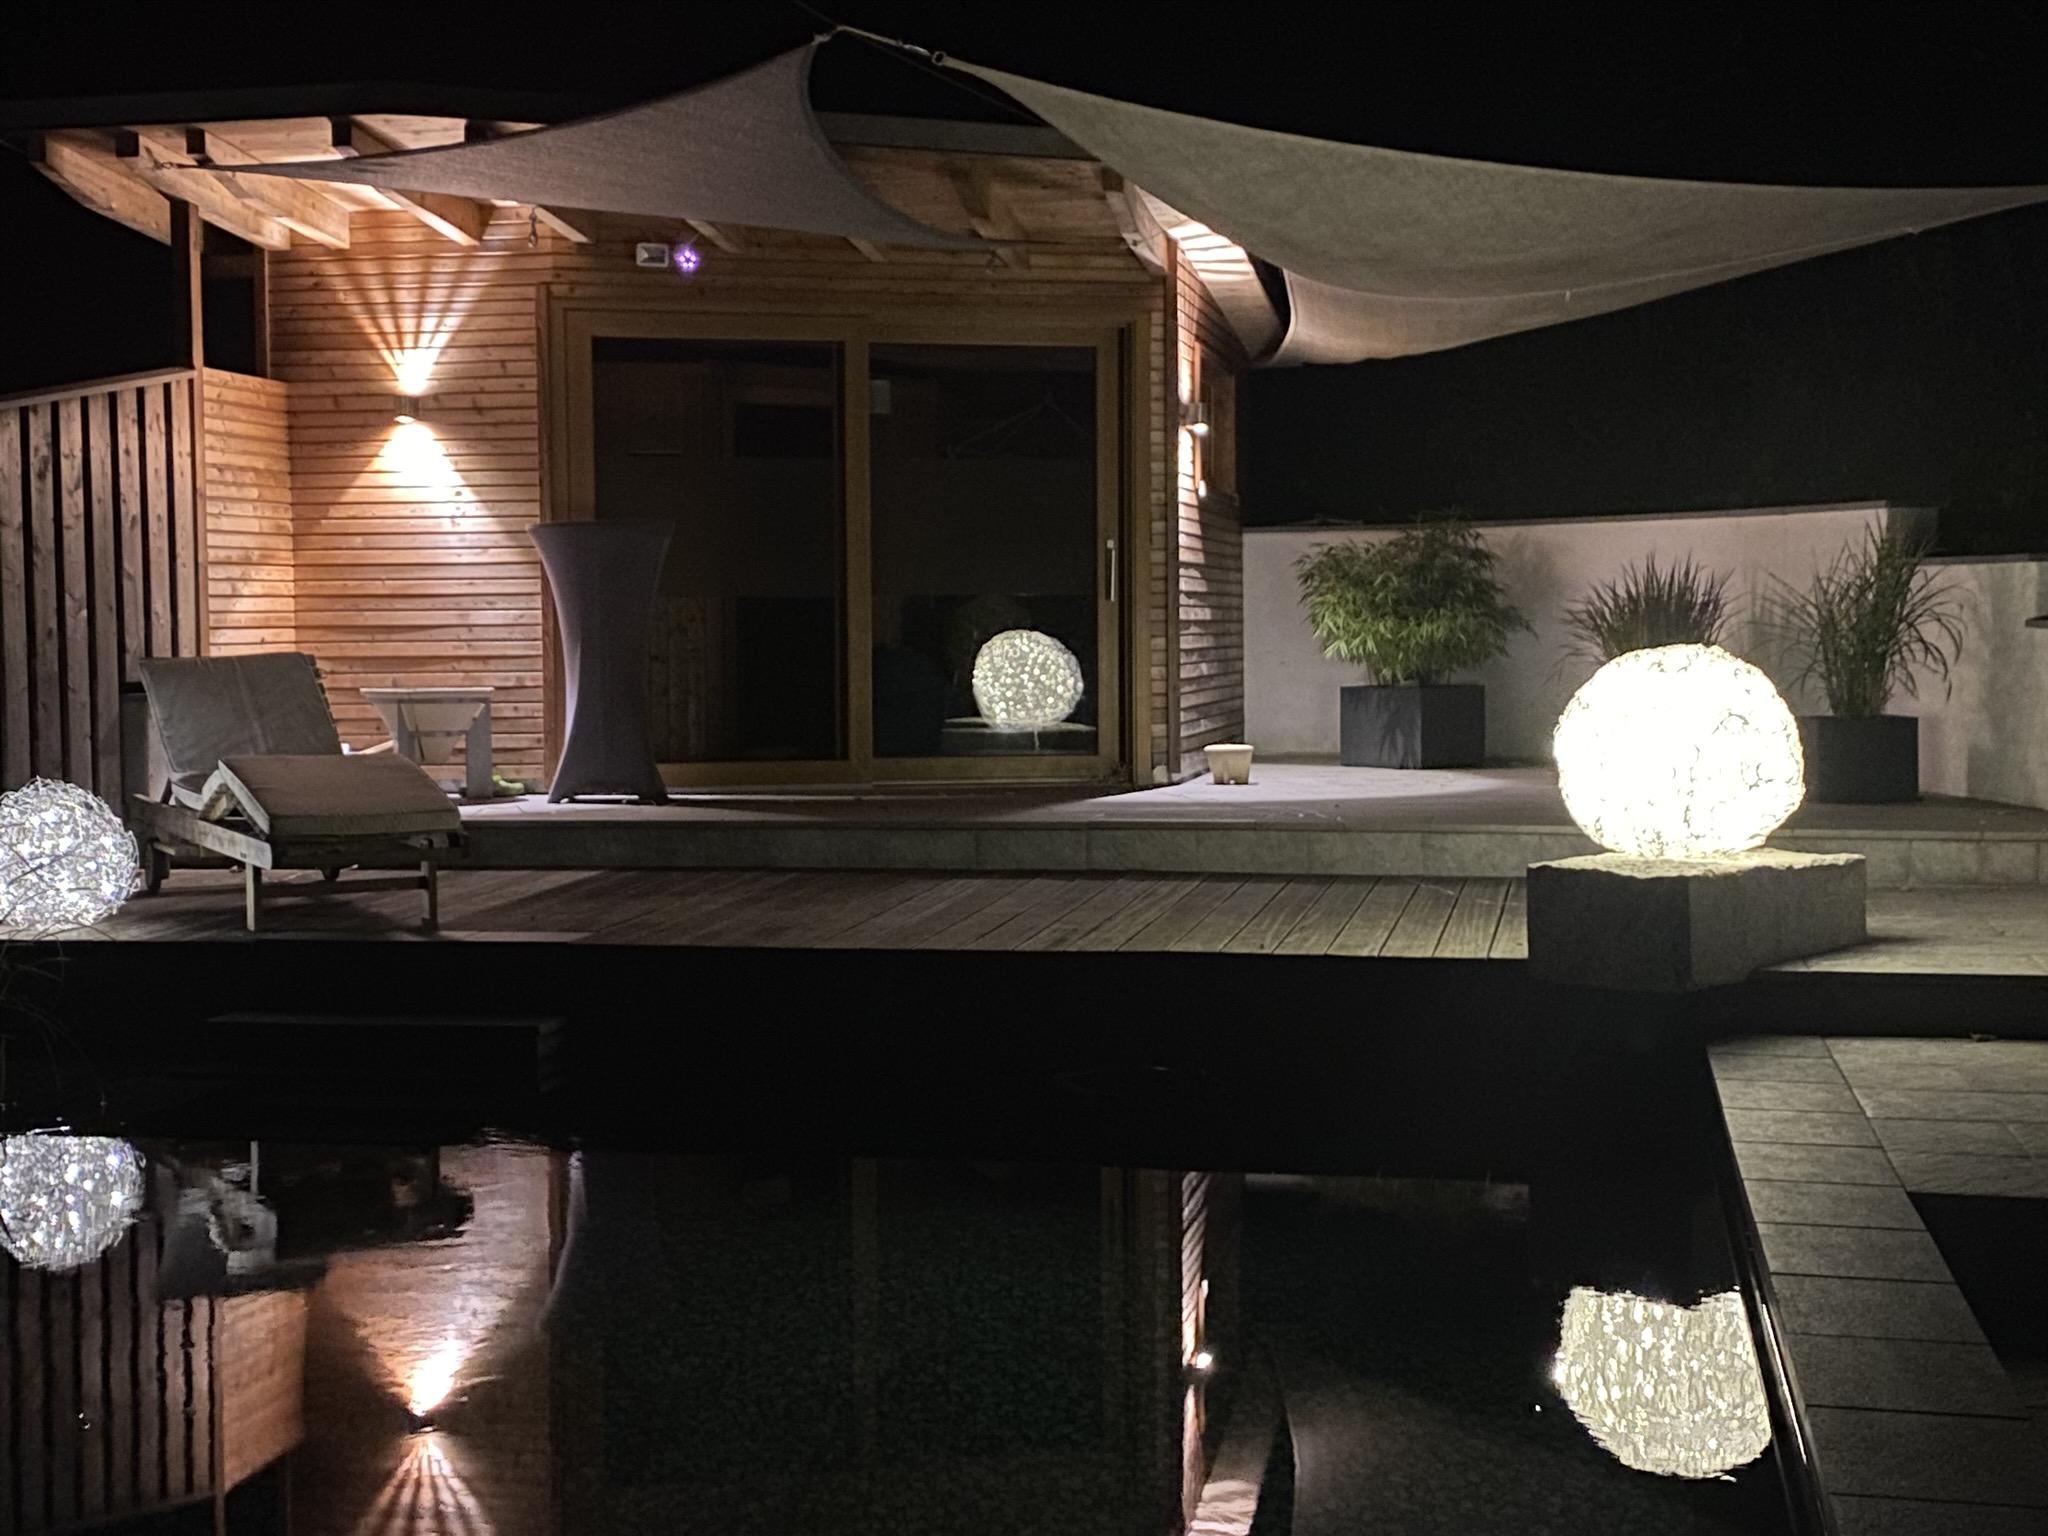 50er Tyche beleuchtet bei Nacht